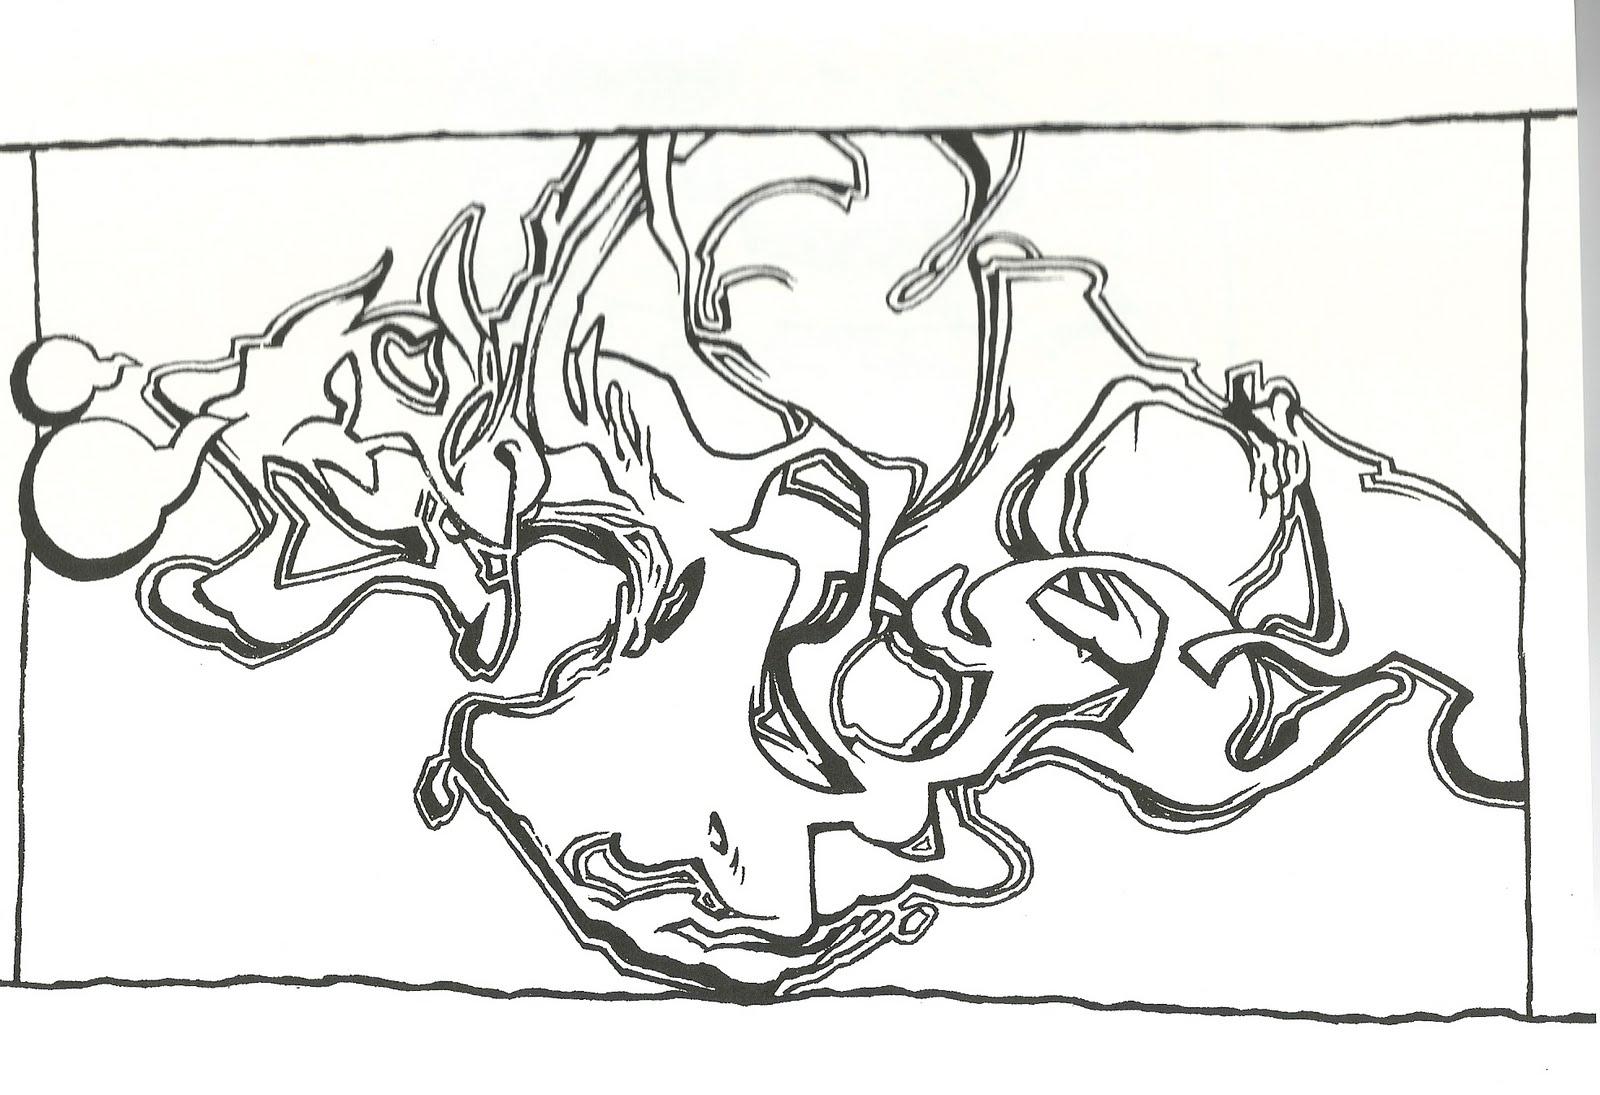 disegni da colorare: DISEGNI DA COLORARE STREET ART